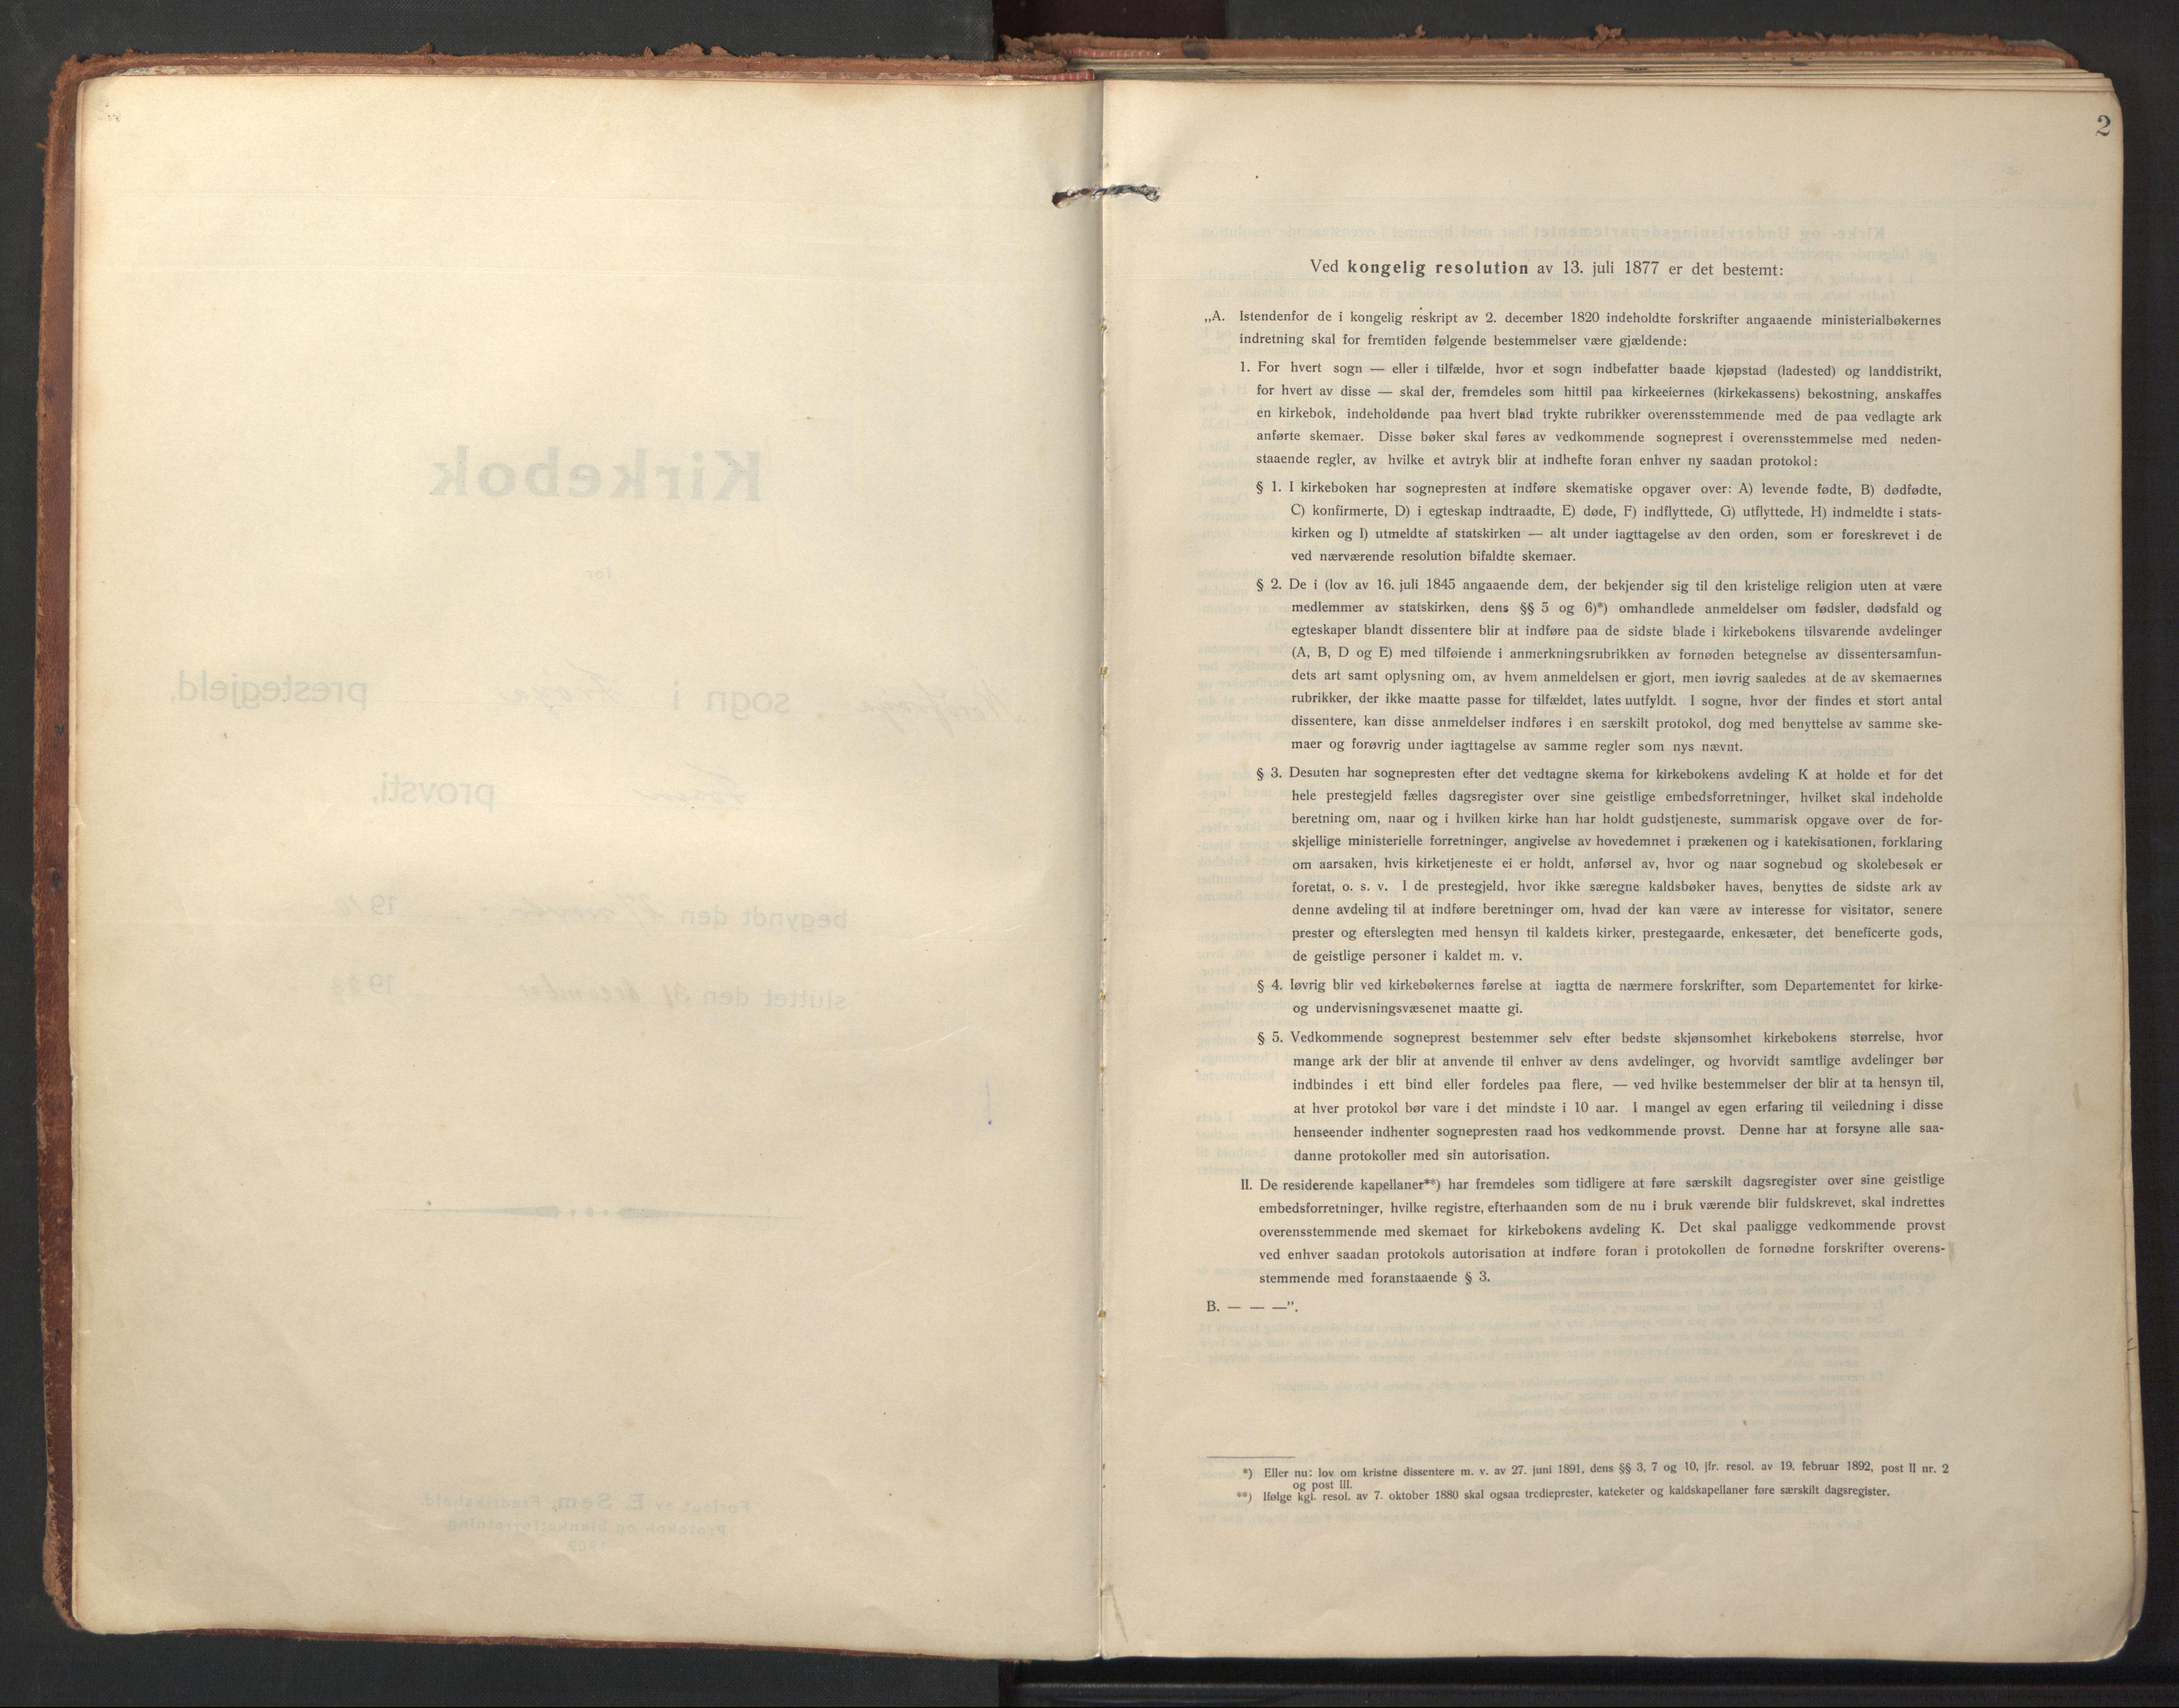 SAT, Ministerialprotokoller, klokkerbøker og fødselsregistre - Sør-Trøndelag, 640/L0581: Ministerialbok nr. 640A06, 1910-1924, s. 2